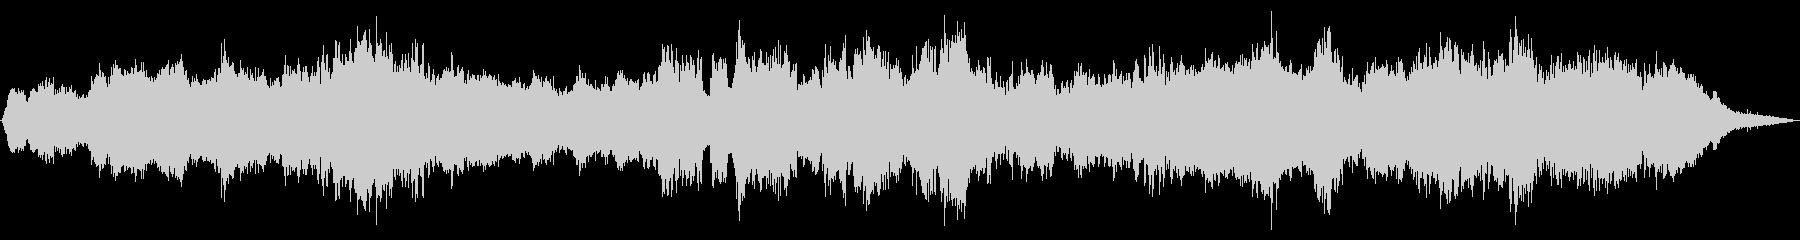 深層まで染み込む癒し系BGM-自然音アリの未再生の波形